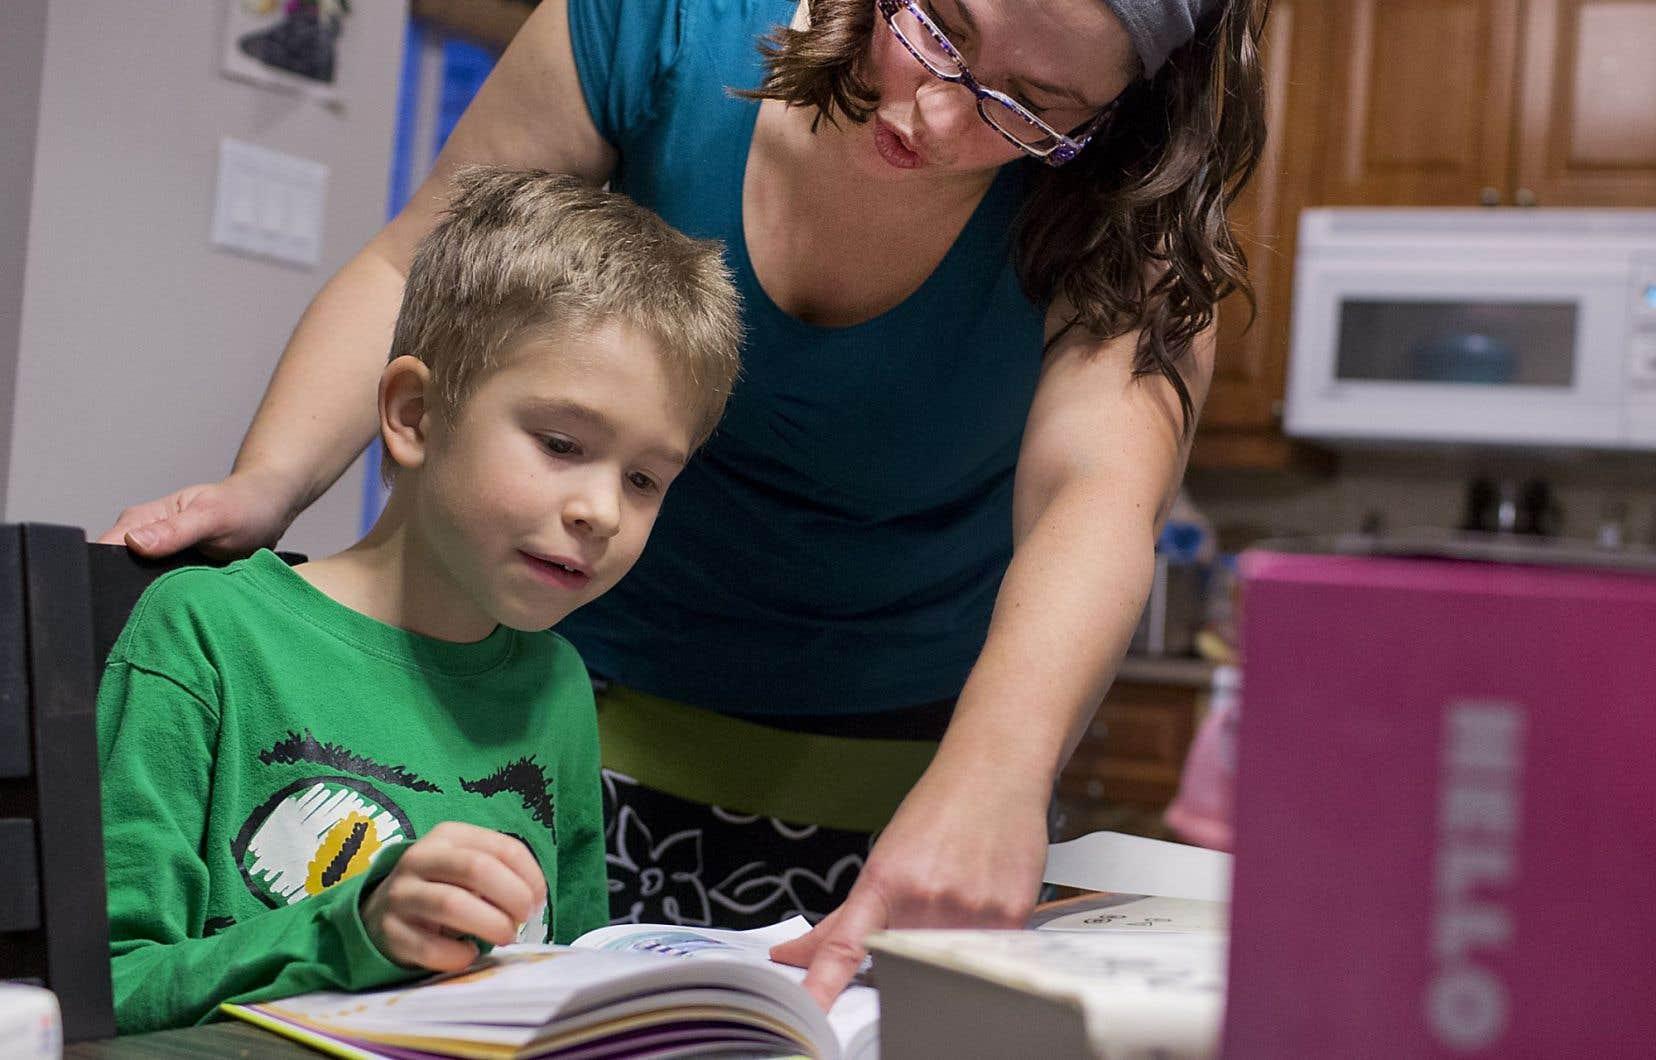 Les questions des parents à Allô prof débordent très souvent du cadre notionnel pour aborder des préoccupations plus larges en lien avec l'éducation des enfants.